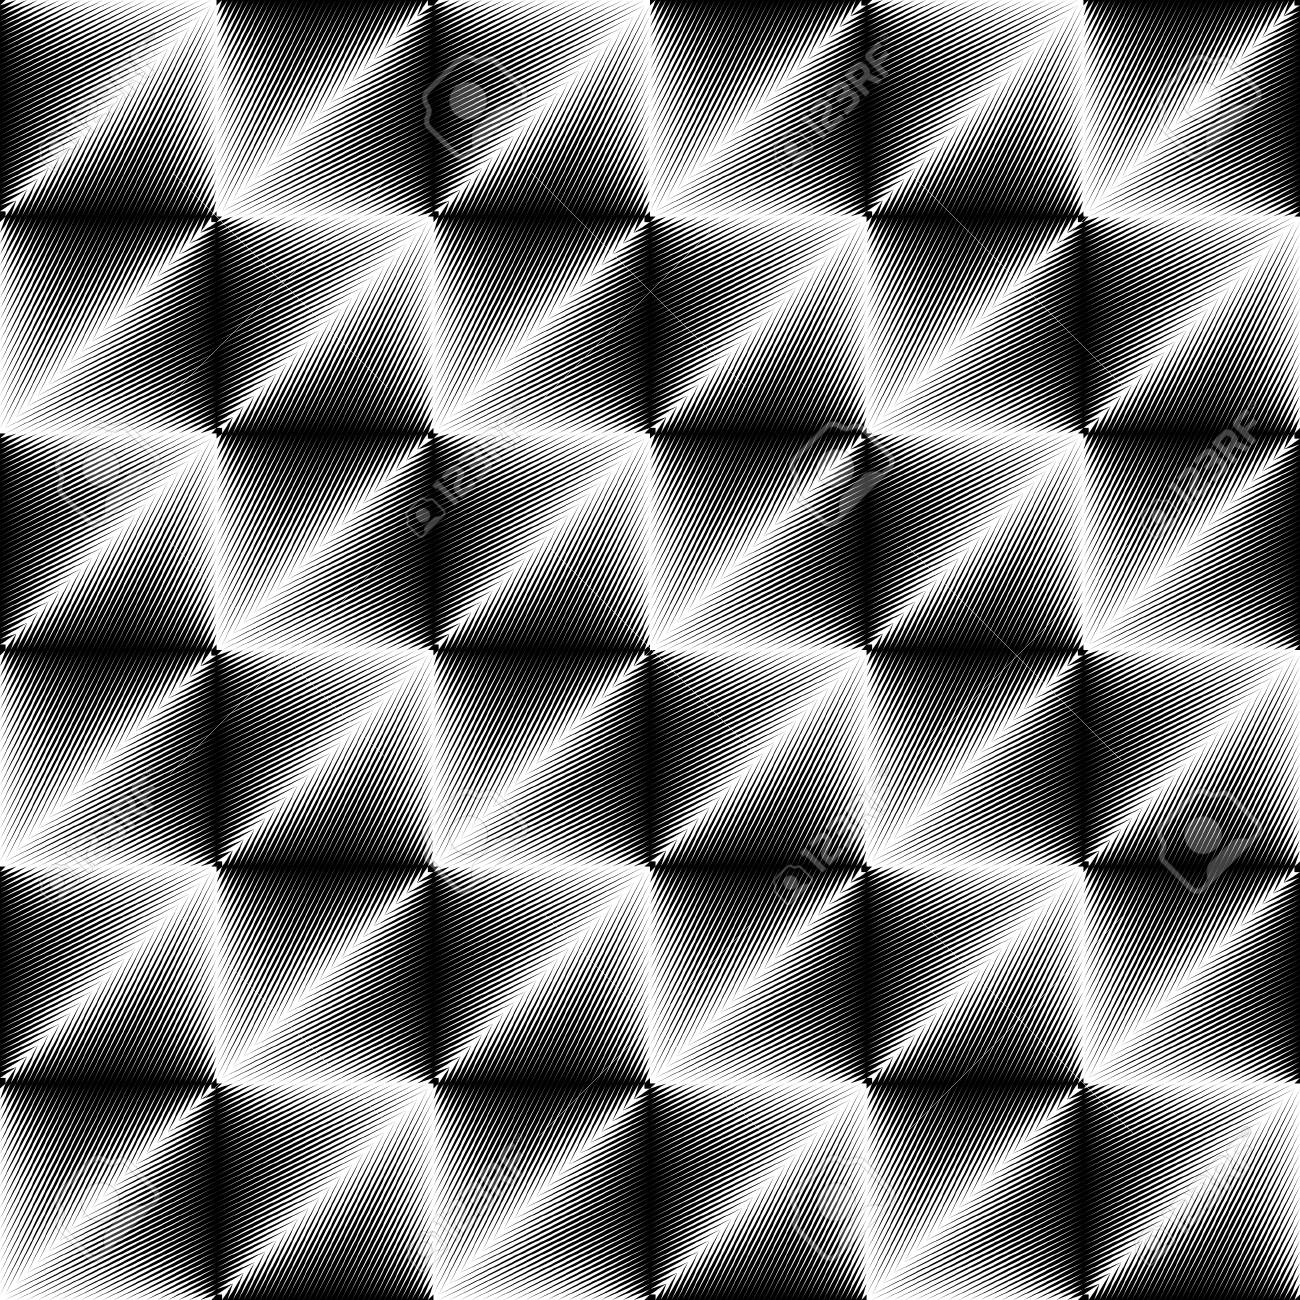 Pattern Di Cristallo Senza Soluzione Di Continuità Vector Sfondo Sfumato Bianco E Nero Sfondo Di Illusione Ottica